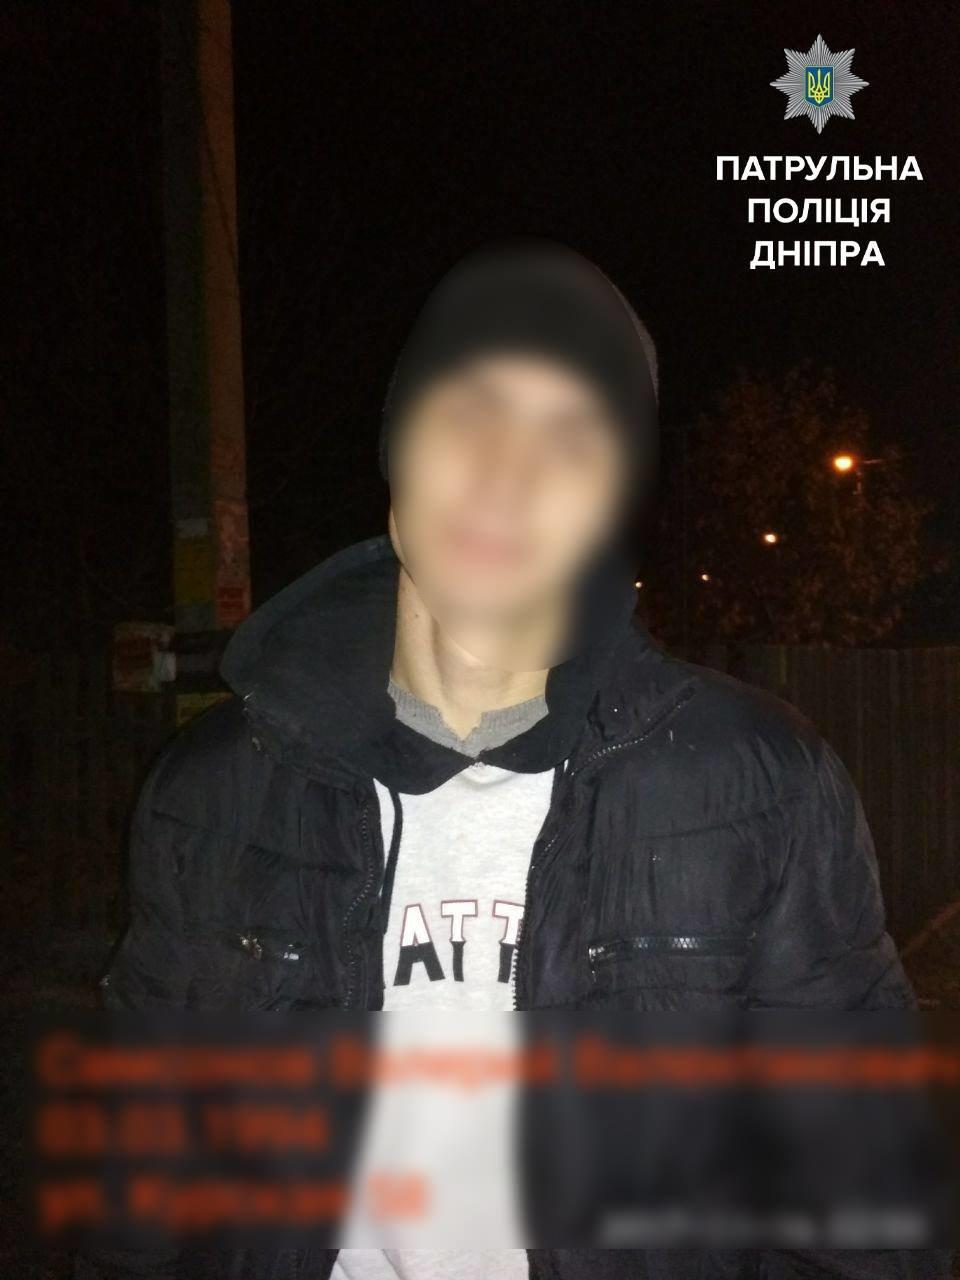 Днепровские копы задержали угонщиков мопеда (ФОТО), фото-1